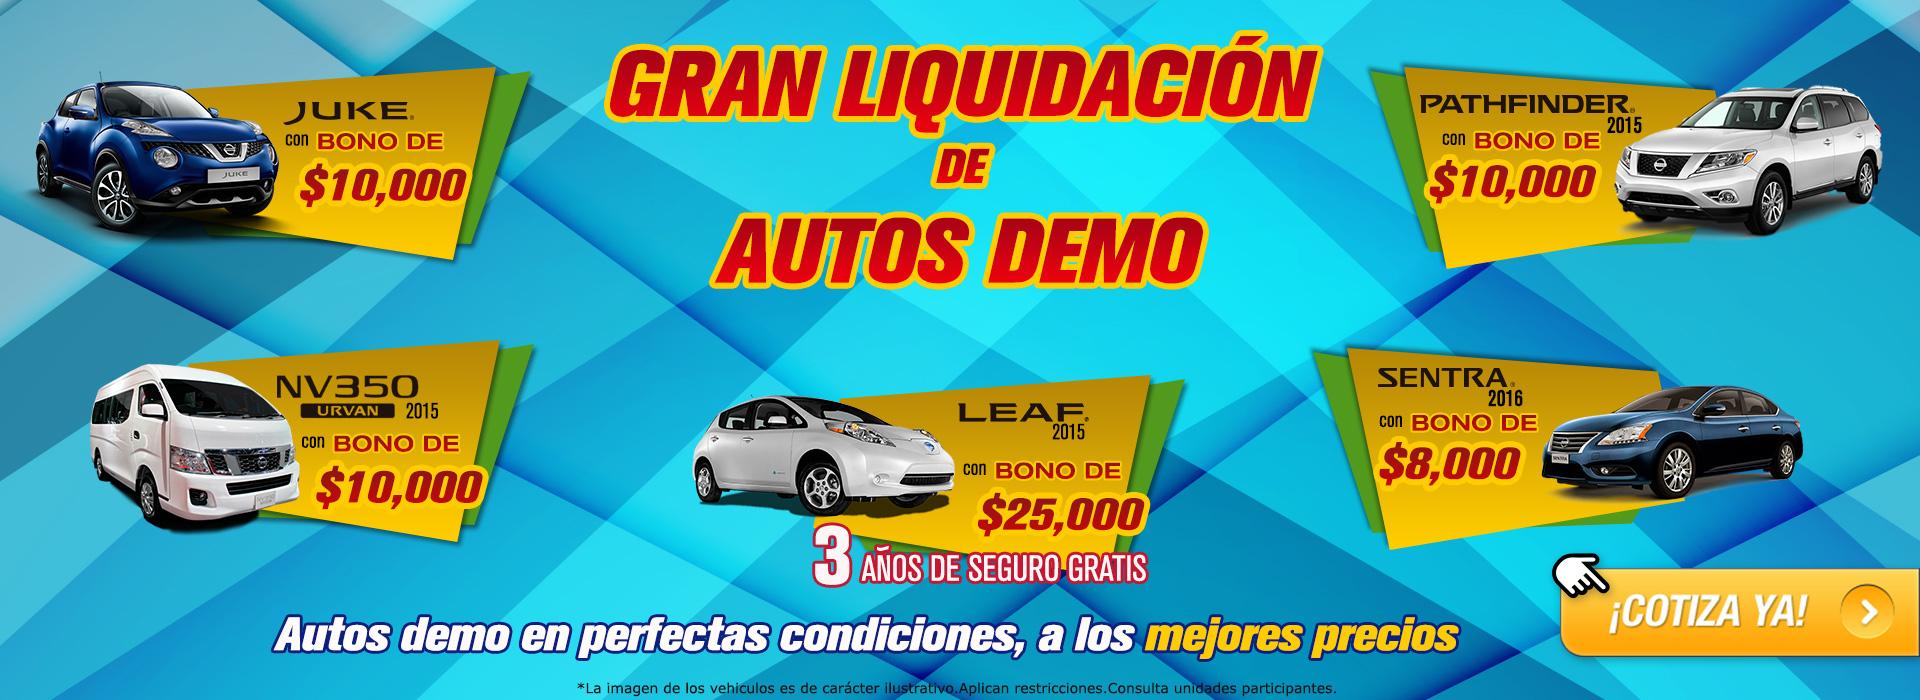 Gran liquidación de autos demo